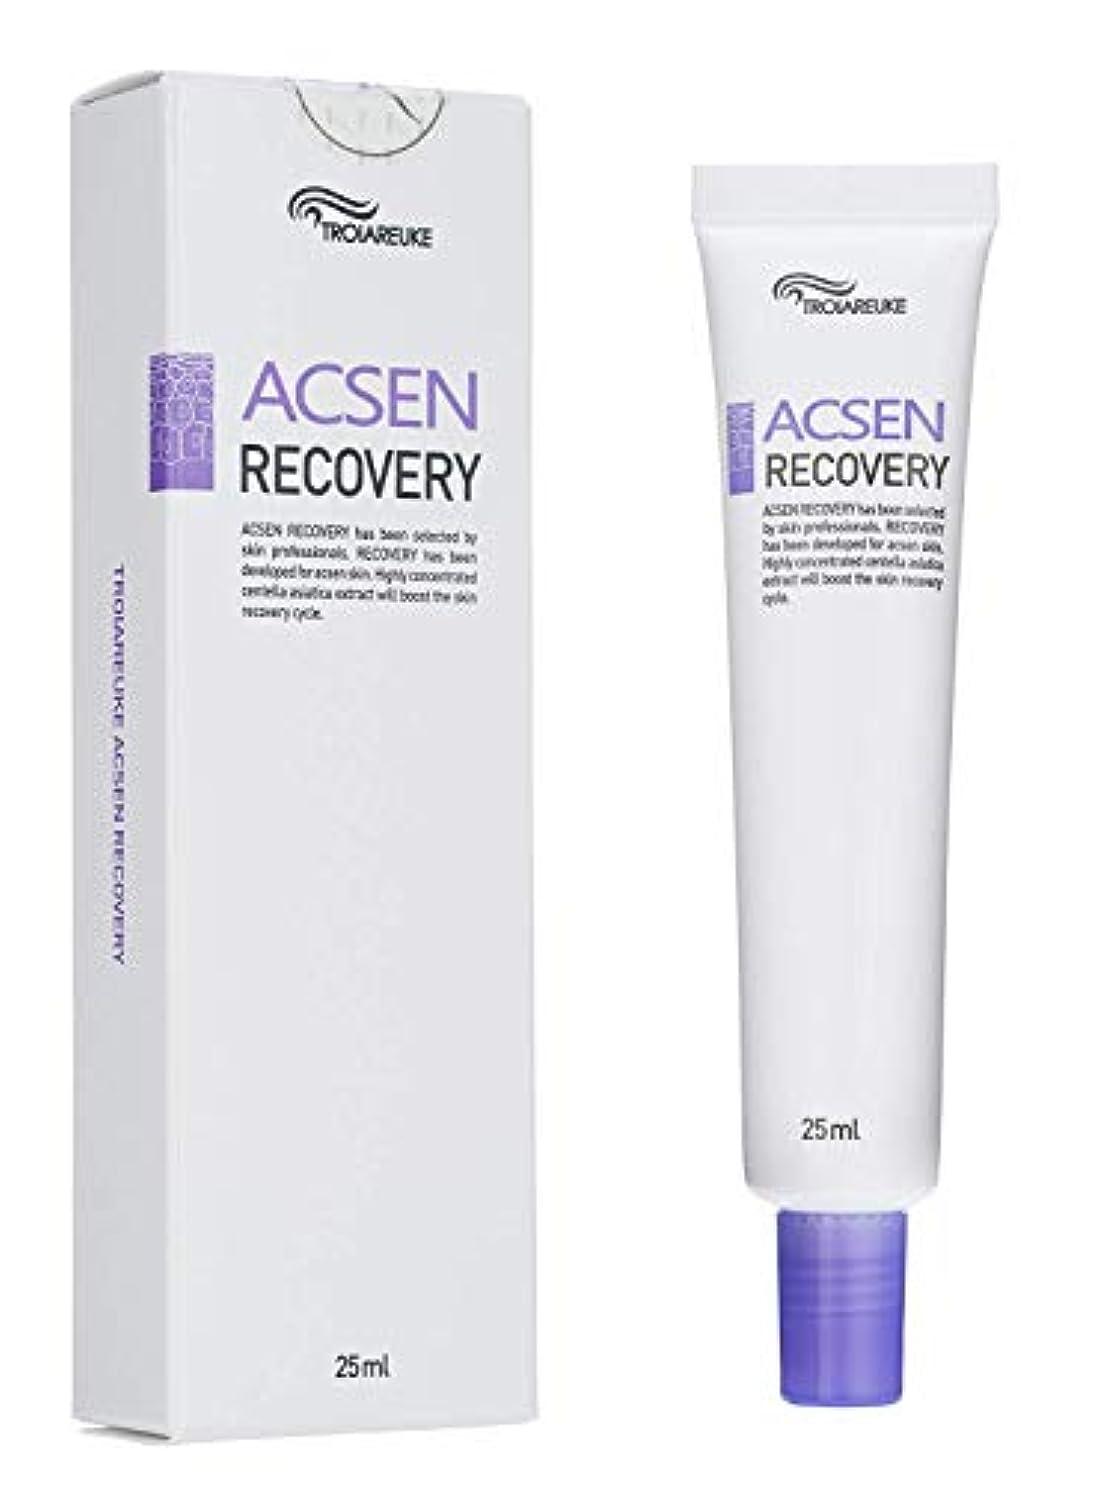 症候群戦術モーションTROIAREUKE(トロイアルケ) アクセン リカバリー クリーム/Acsen Recovery Cream(25ml) [並行輸入品]